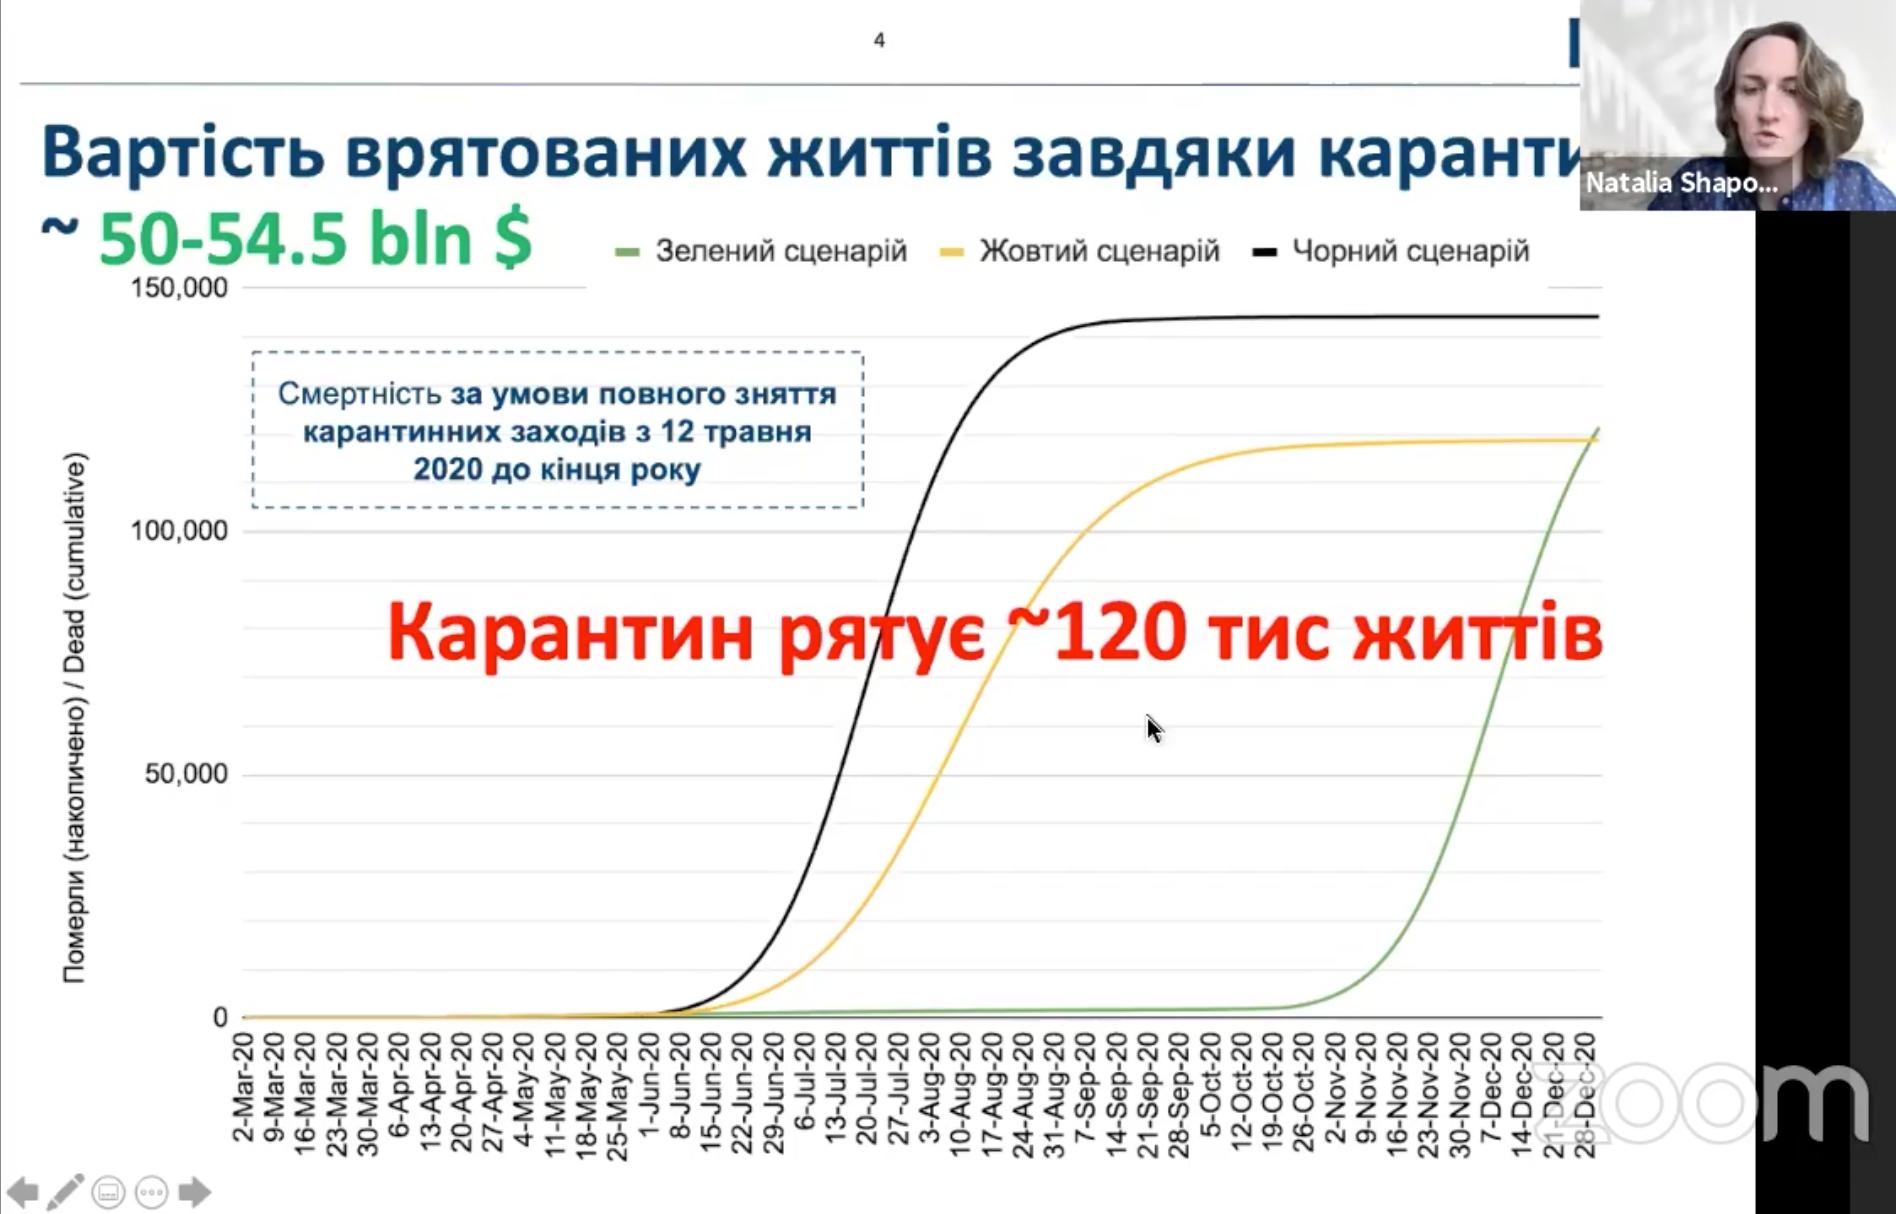 Київська школа економіки порахувала, скільки втрачає Україна через карантин